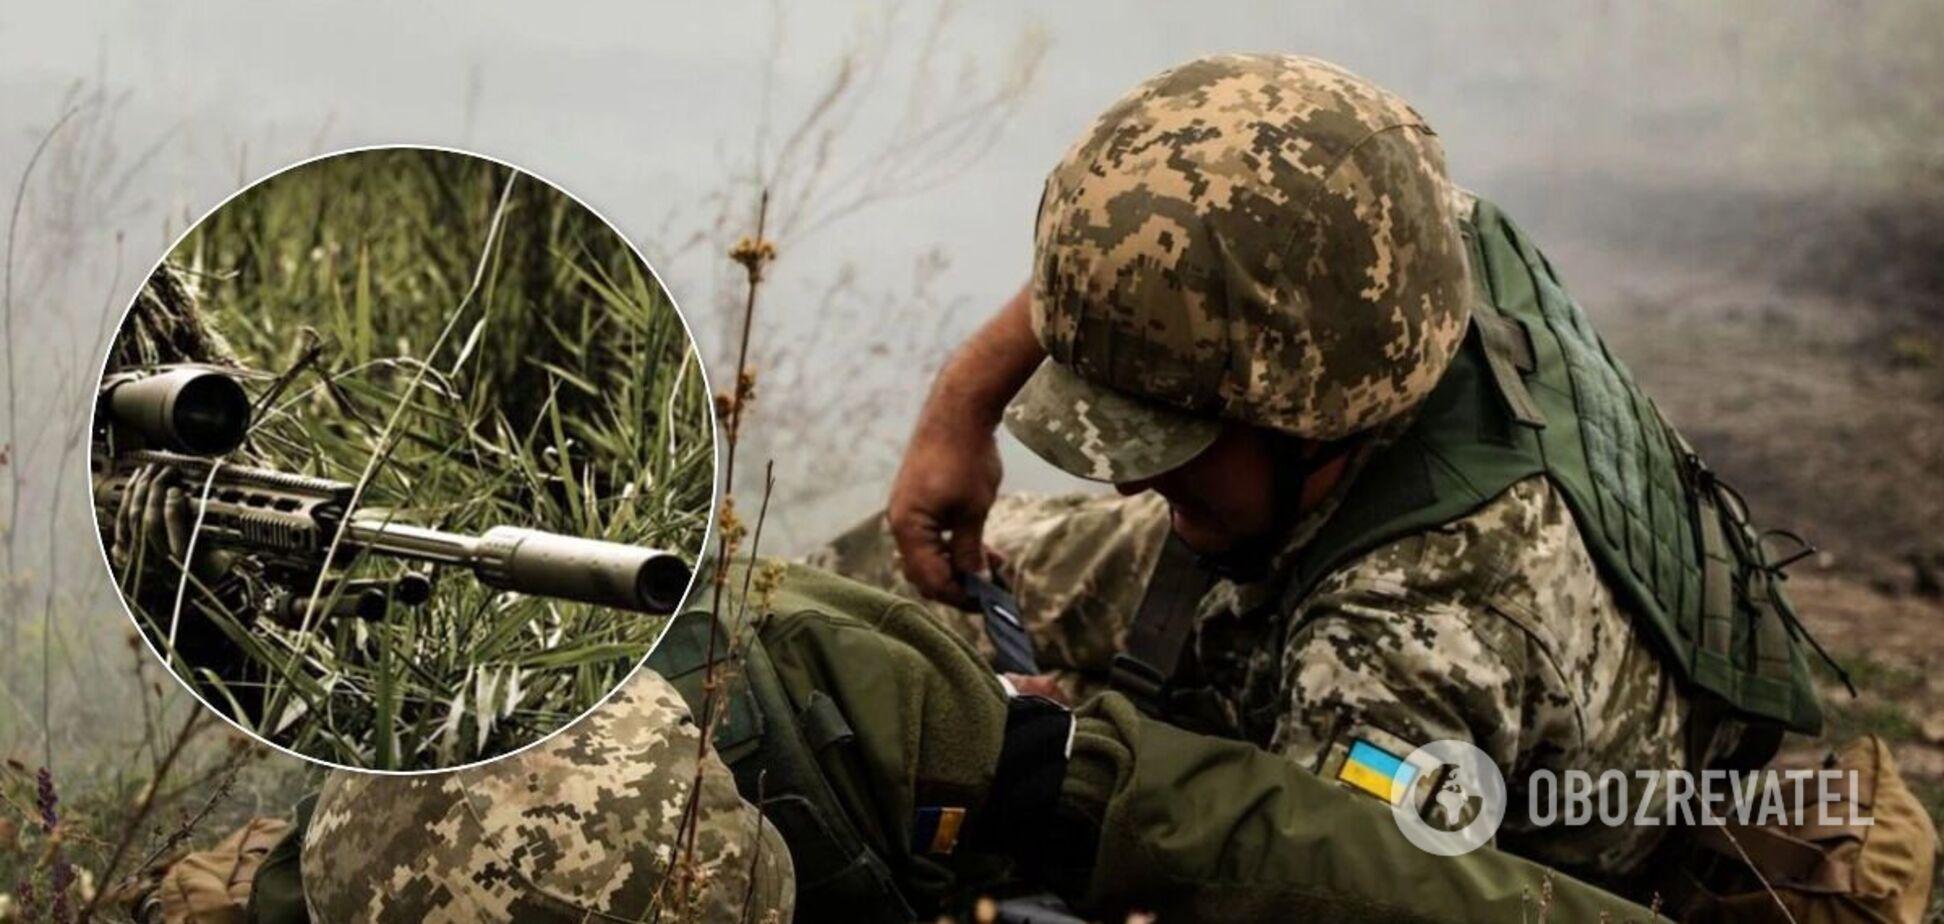 Воину ВСУ снайпер попал в легкое: новые данные о состоянии раненого на Донбассе. Фото 18+